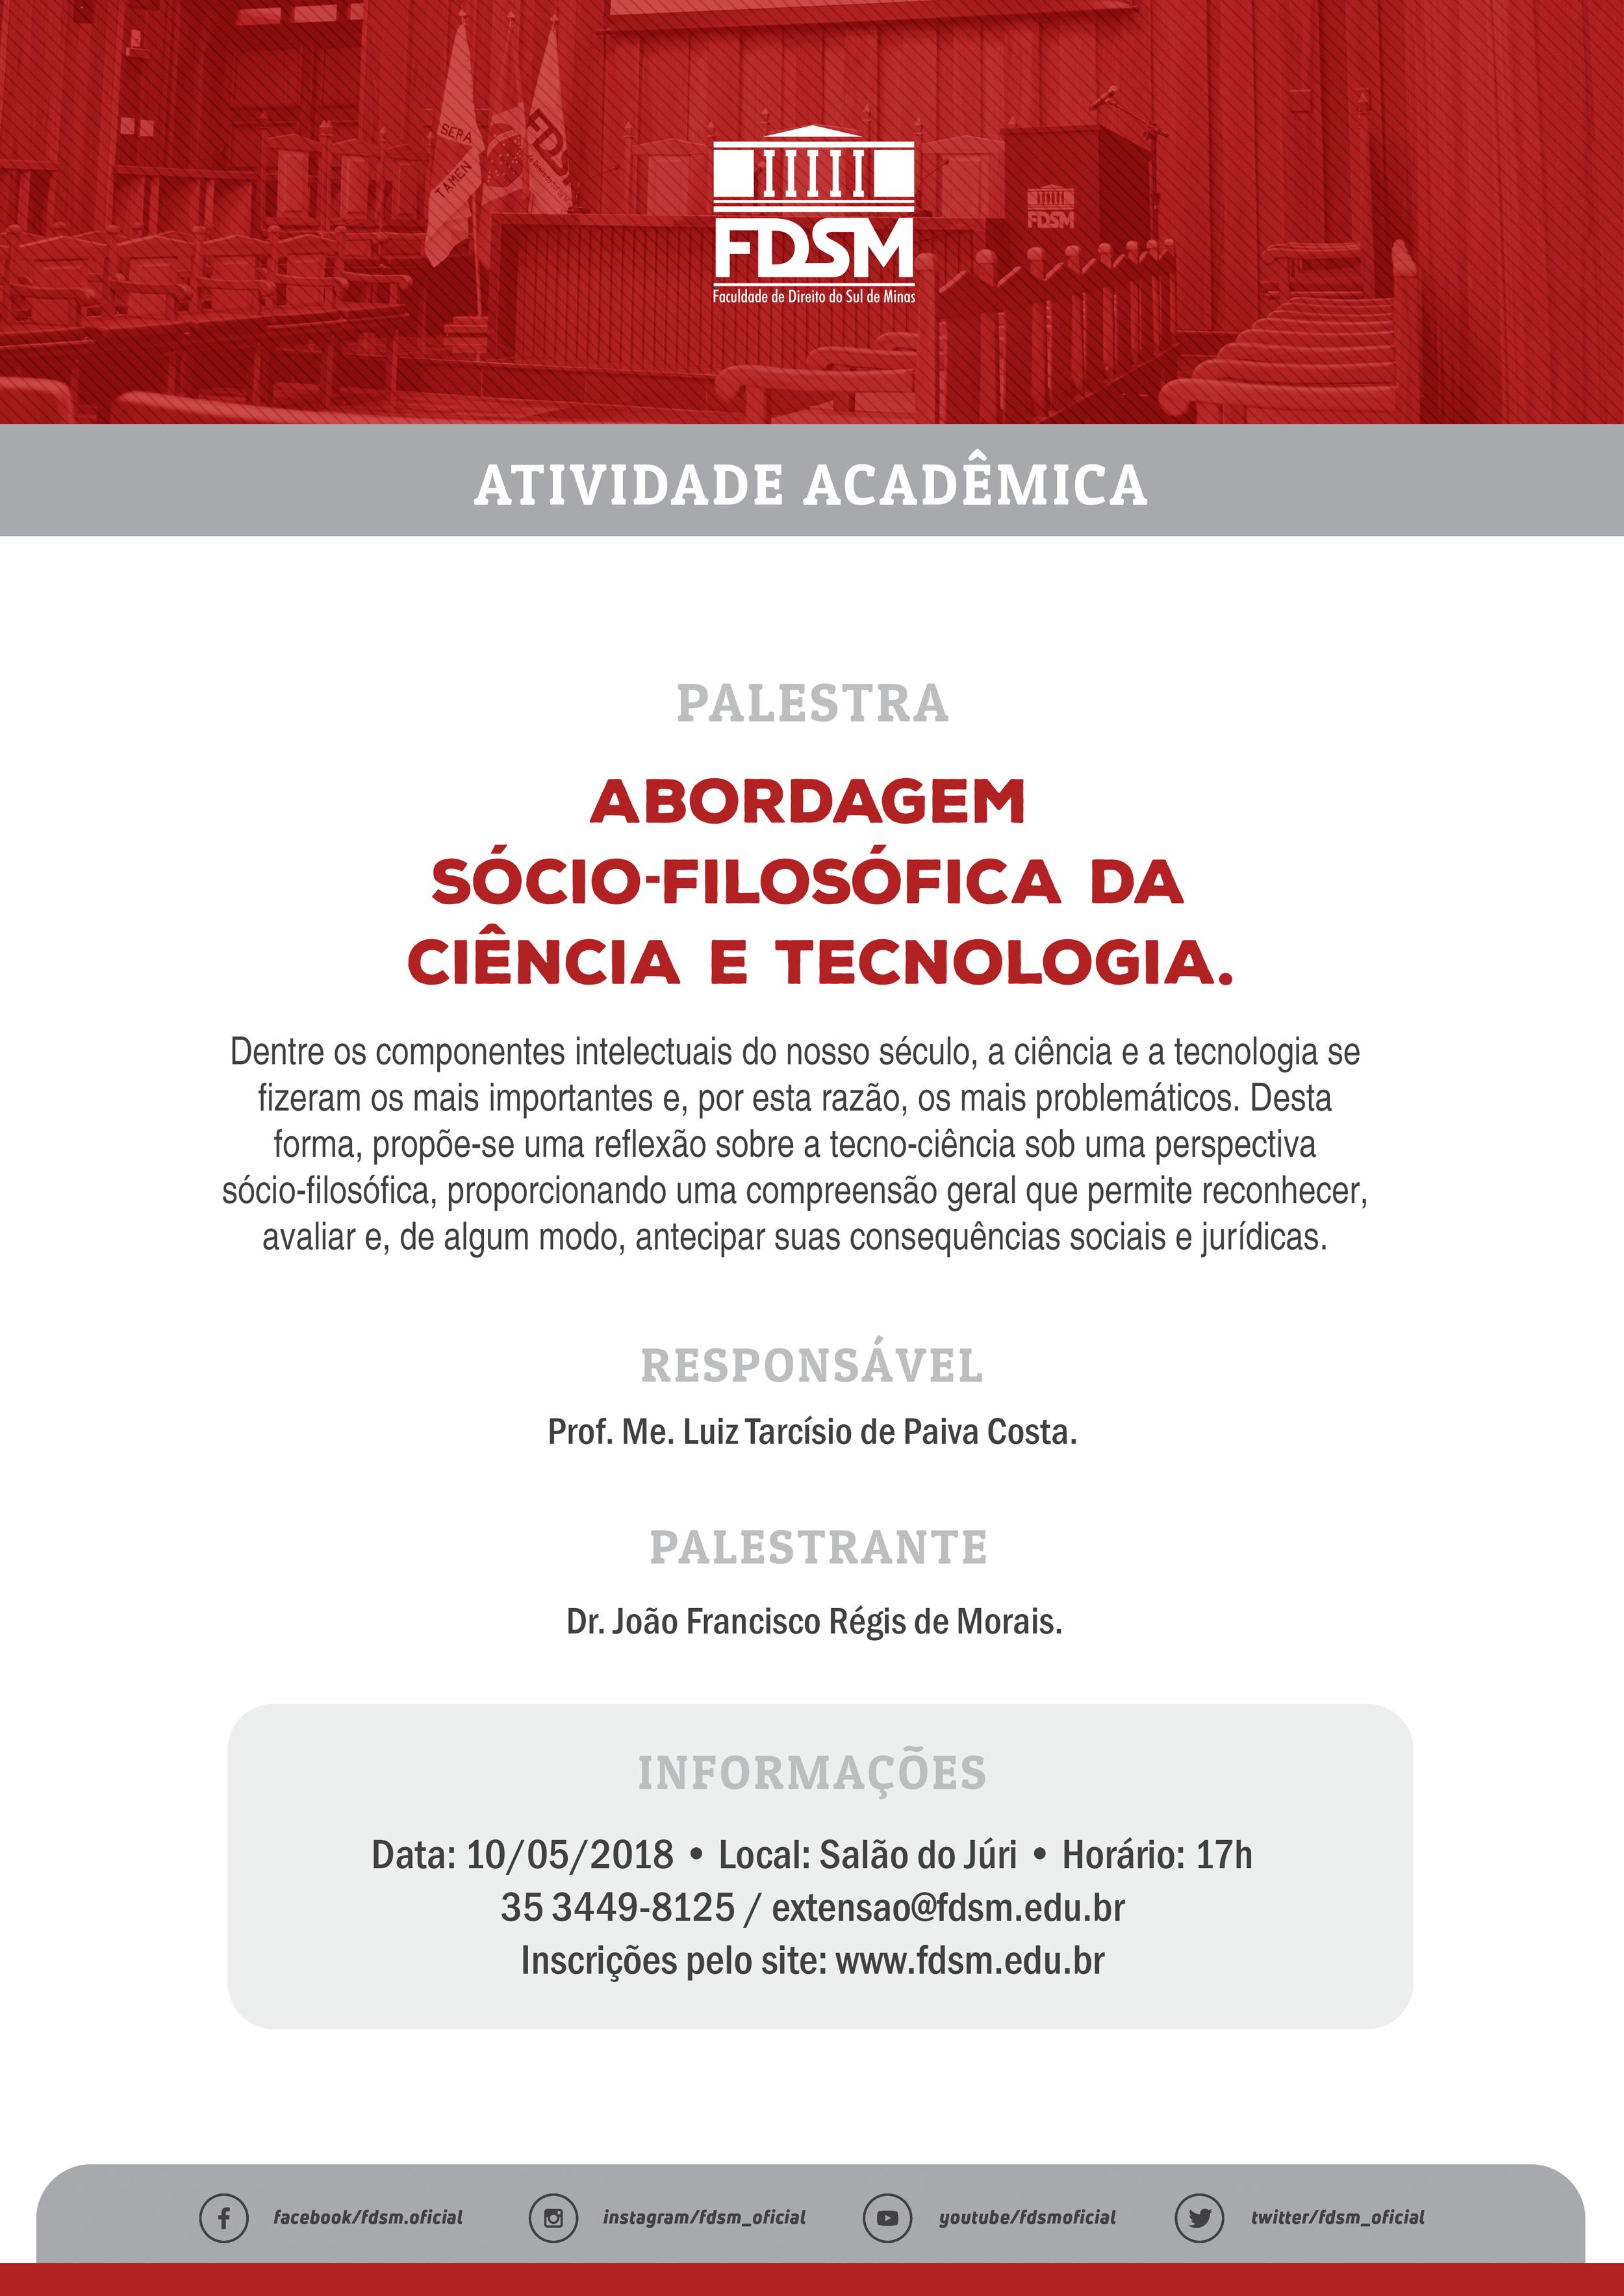 Palestra 'Abordagem Sócio-filosófica da Ciência e Tecnologia'